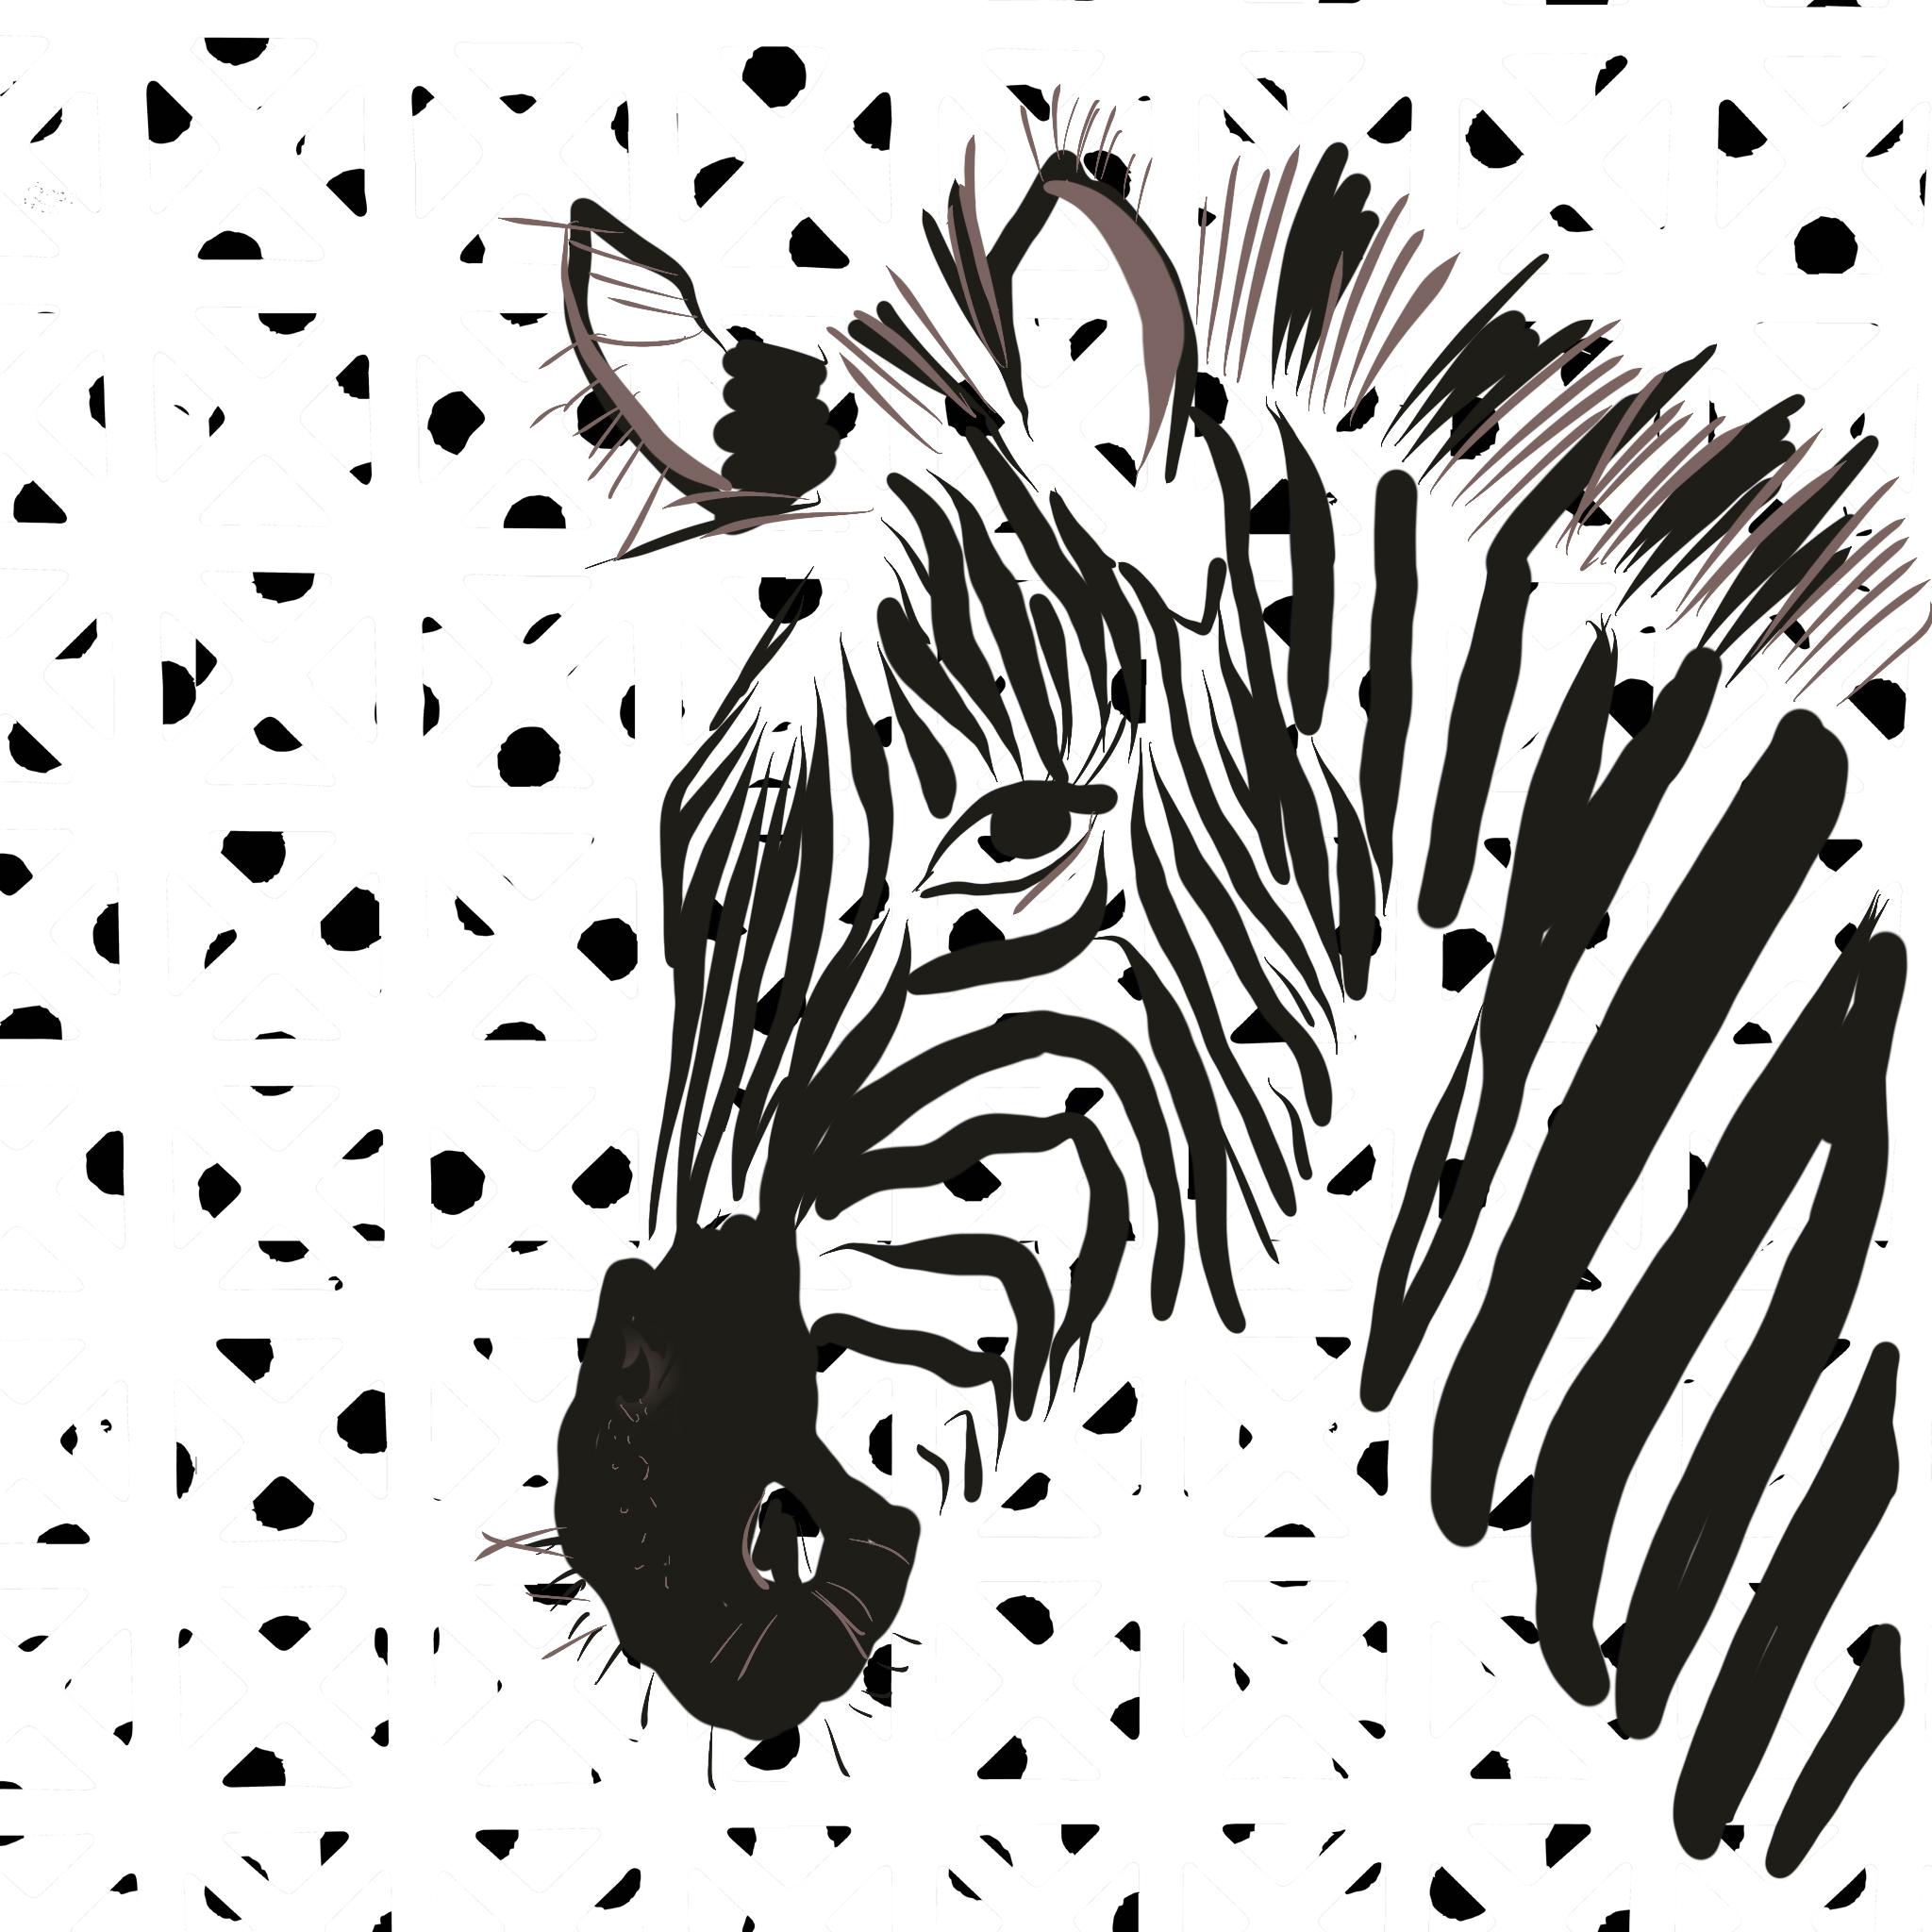 Zebra_Head-print.jpg